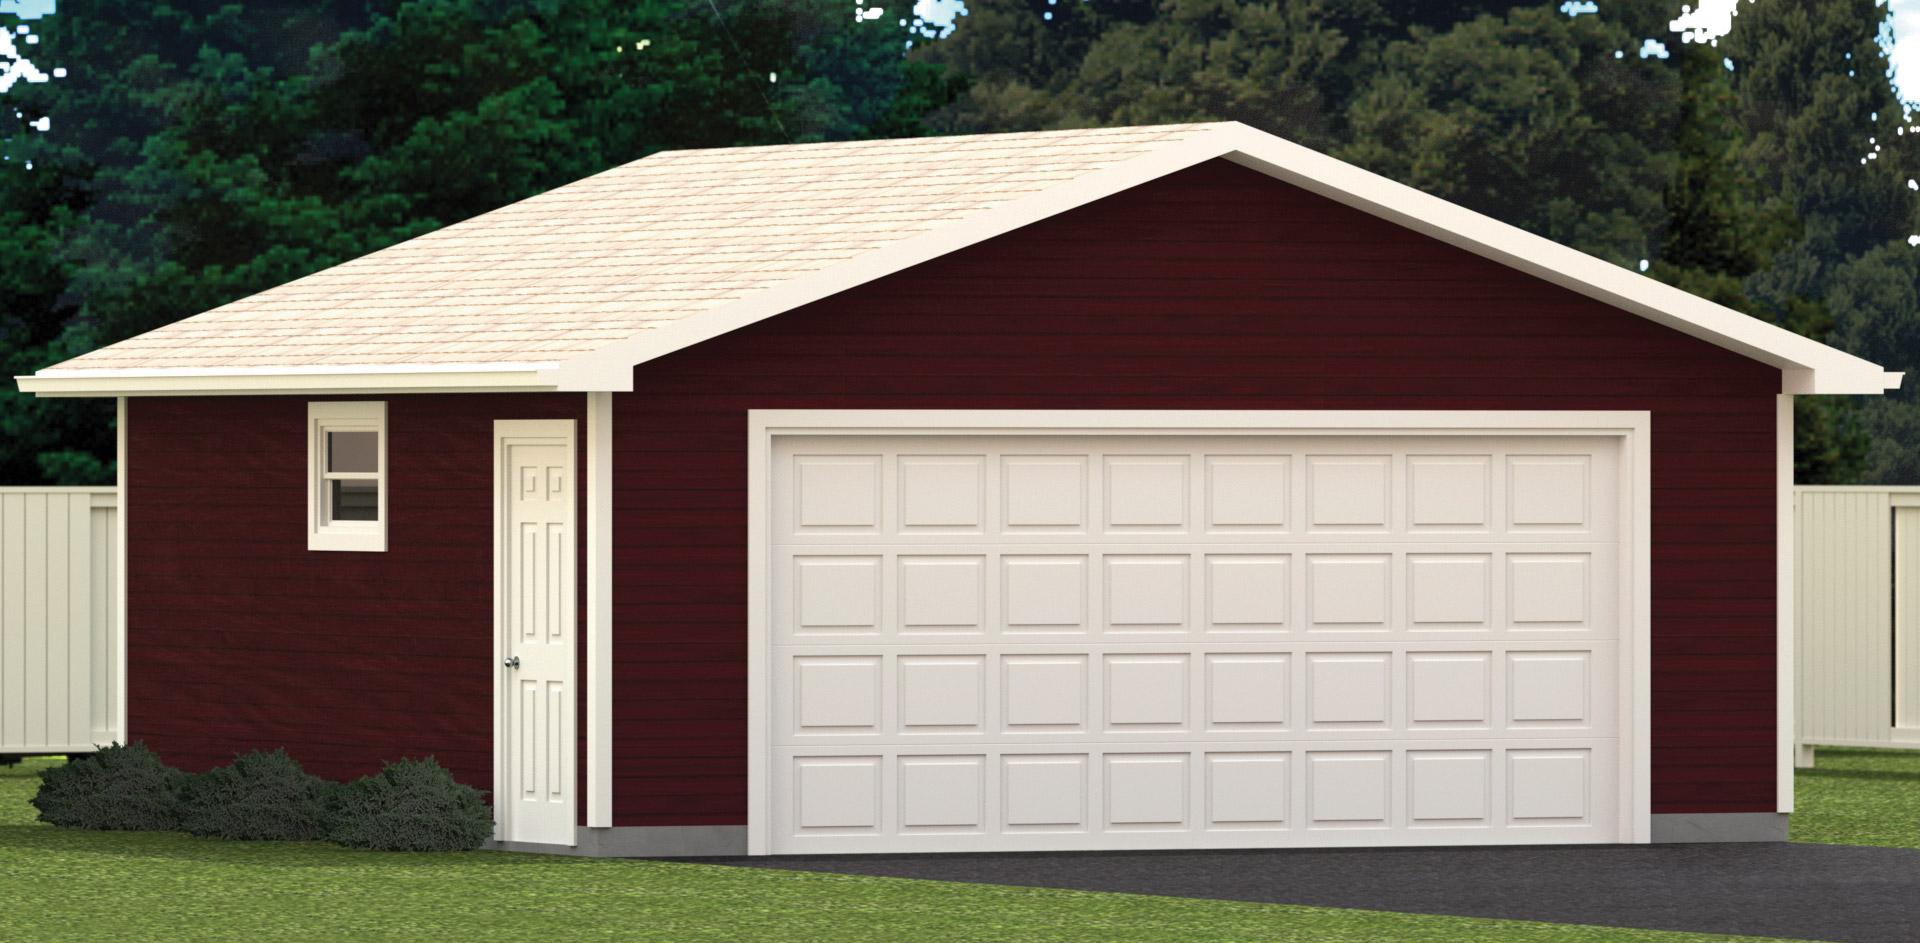 22 x 22 garage exterior render